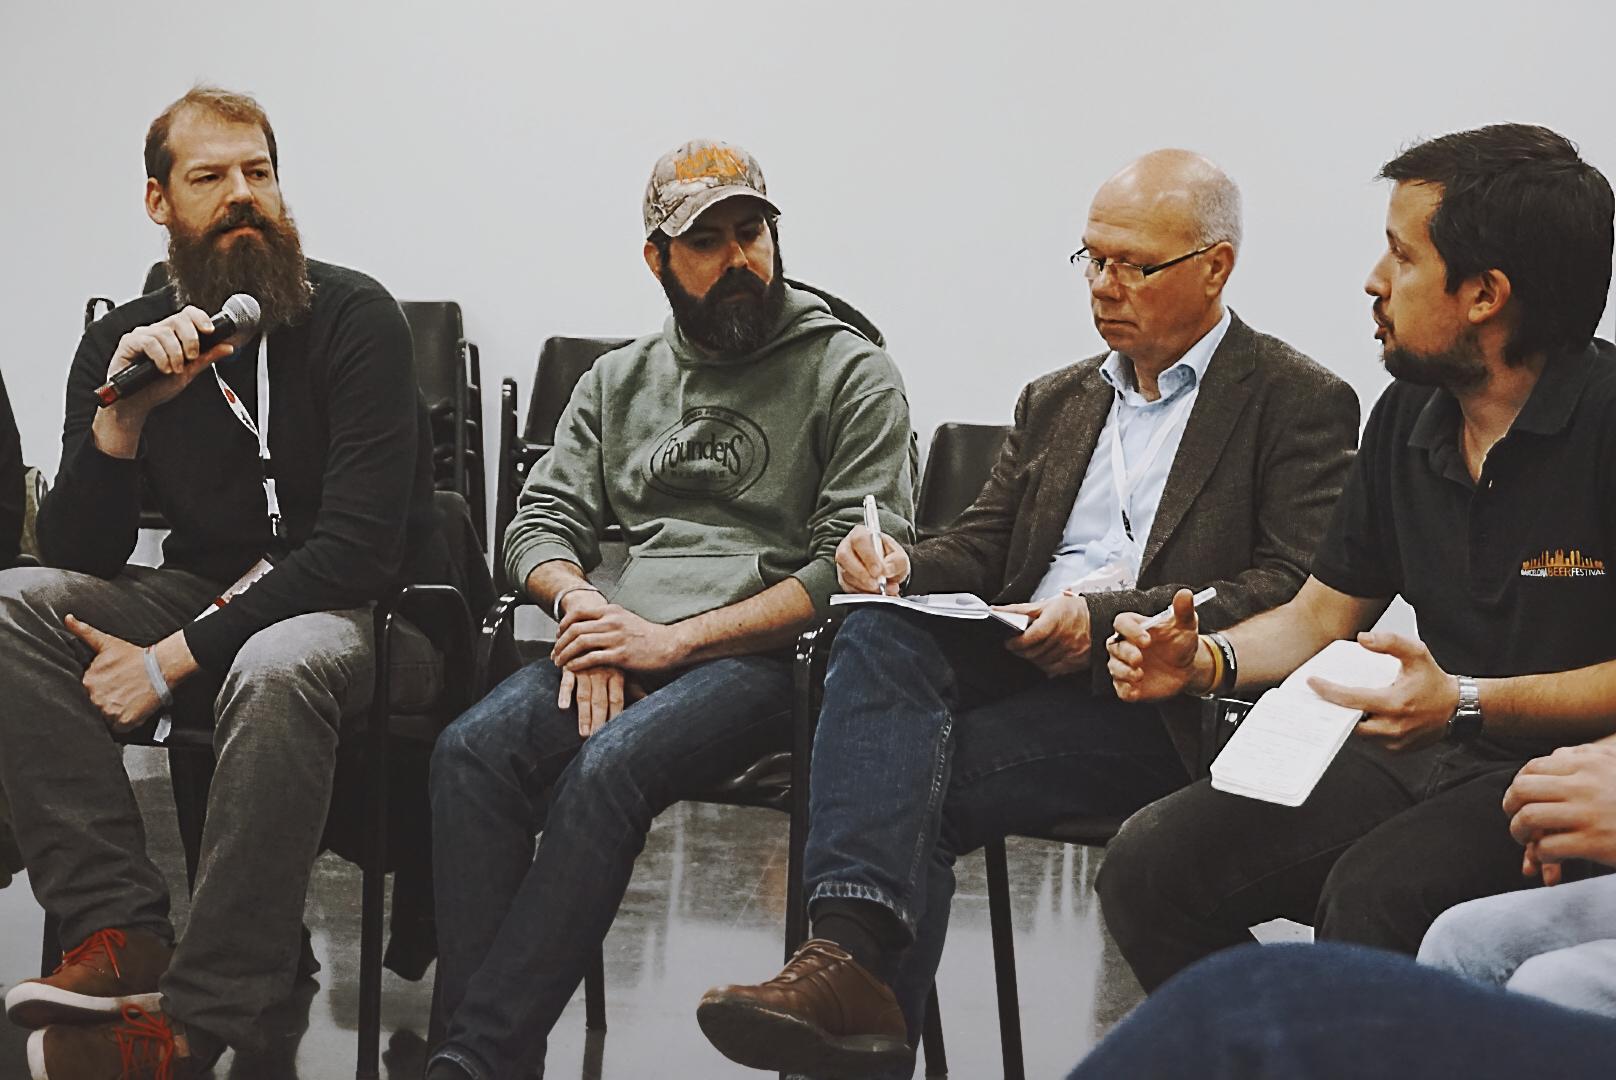 Sami Claret de Nomada Brewing Company, Tim Traynor de Founders Brewing Co., Ernst Faltermeier y Joan Villar-i-Martí, en pleno debate.